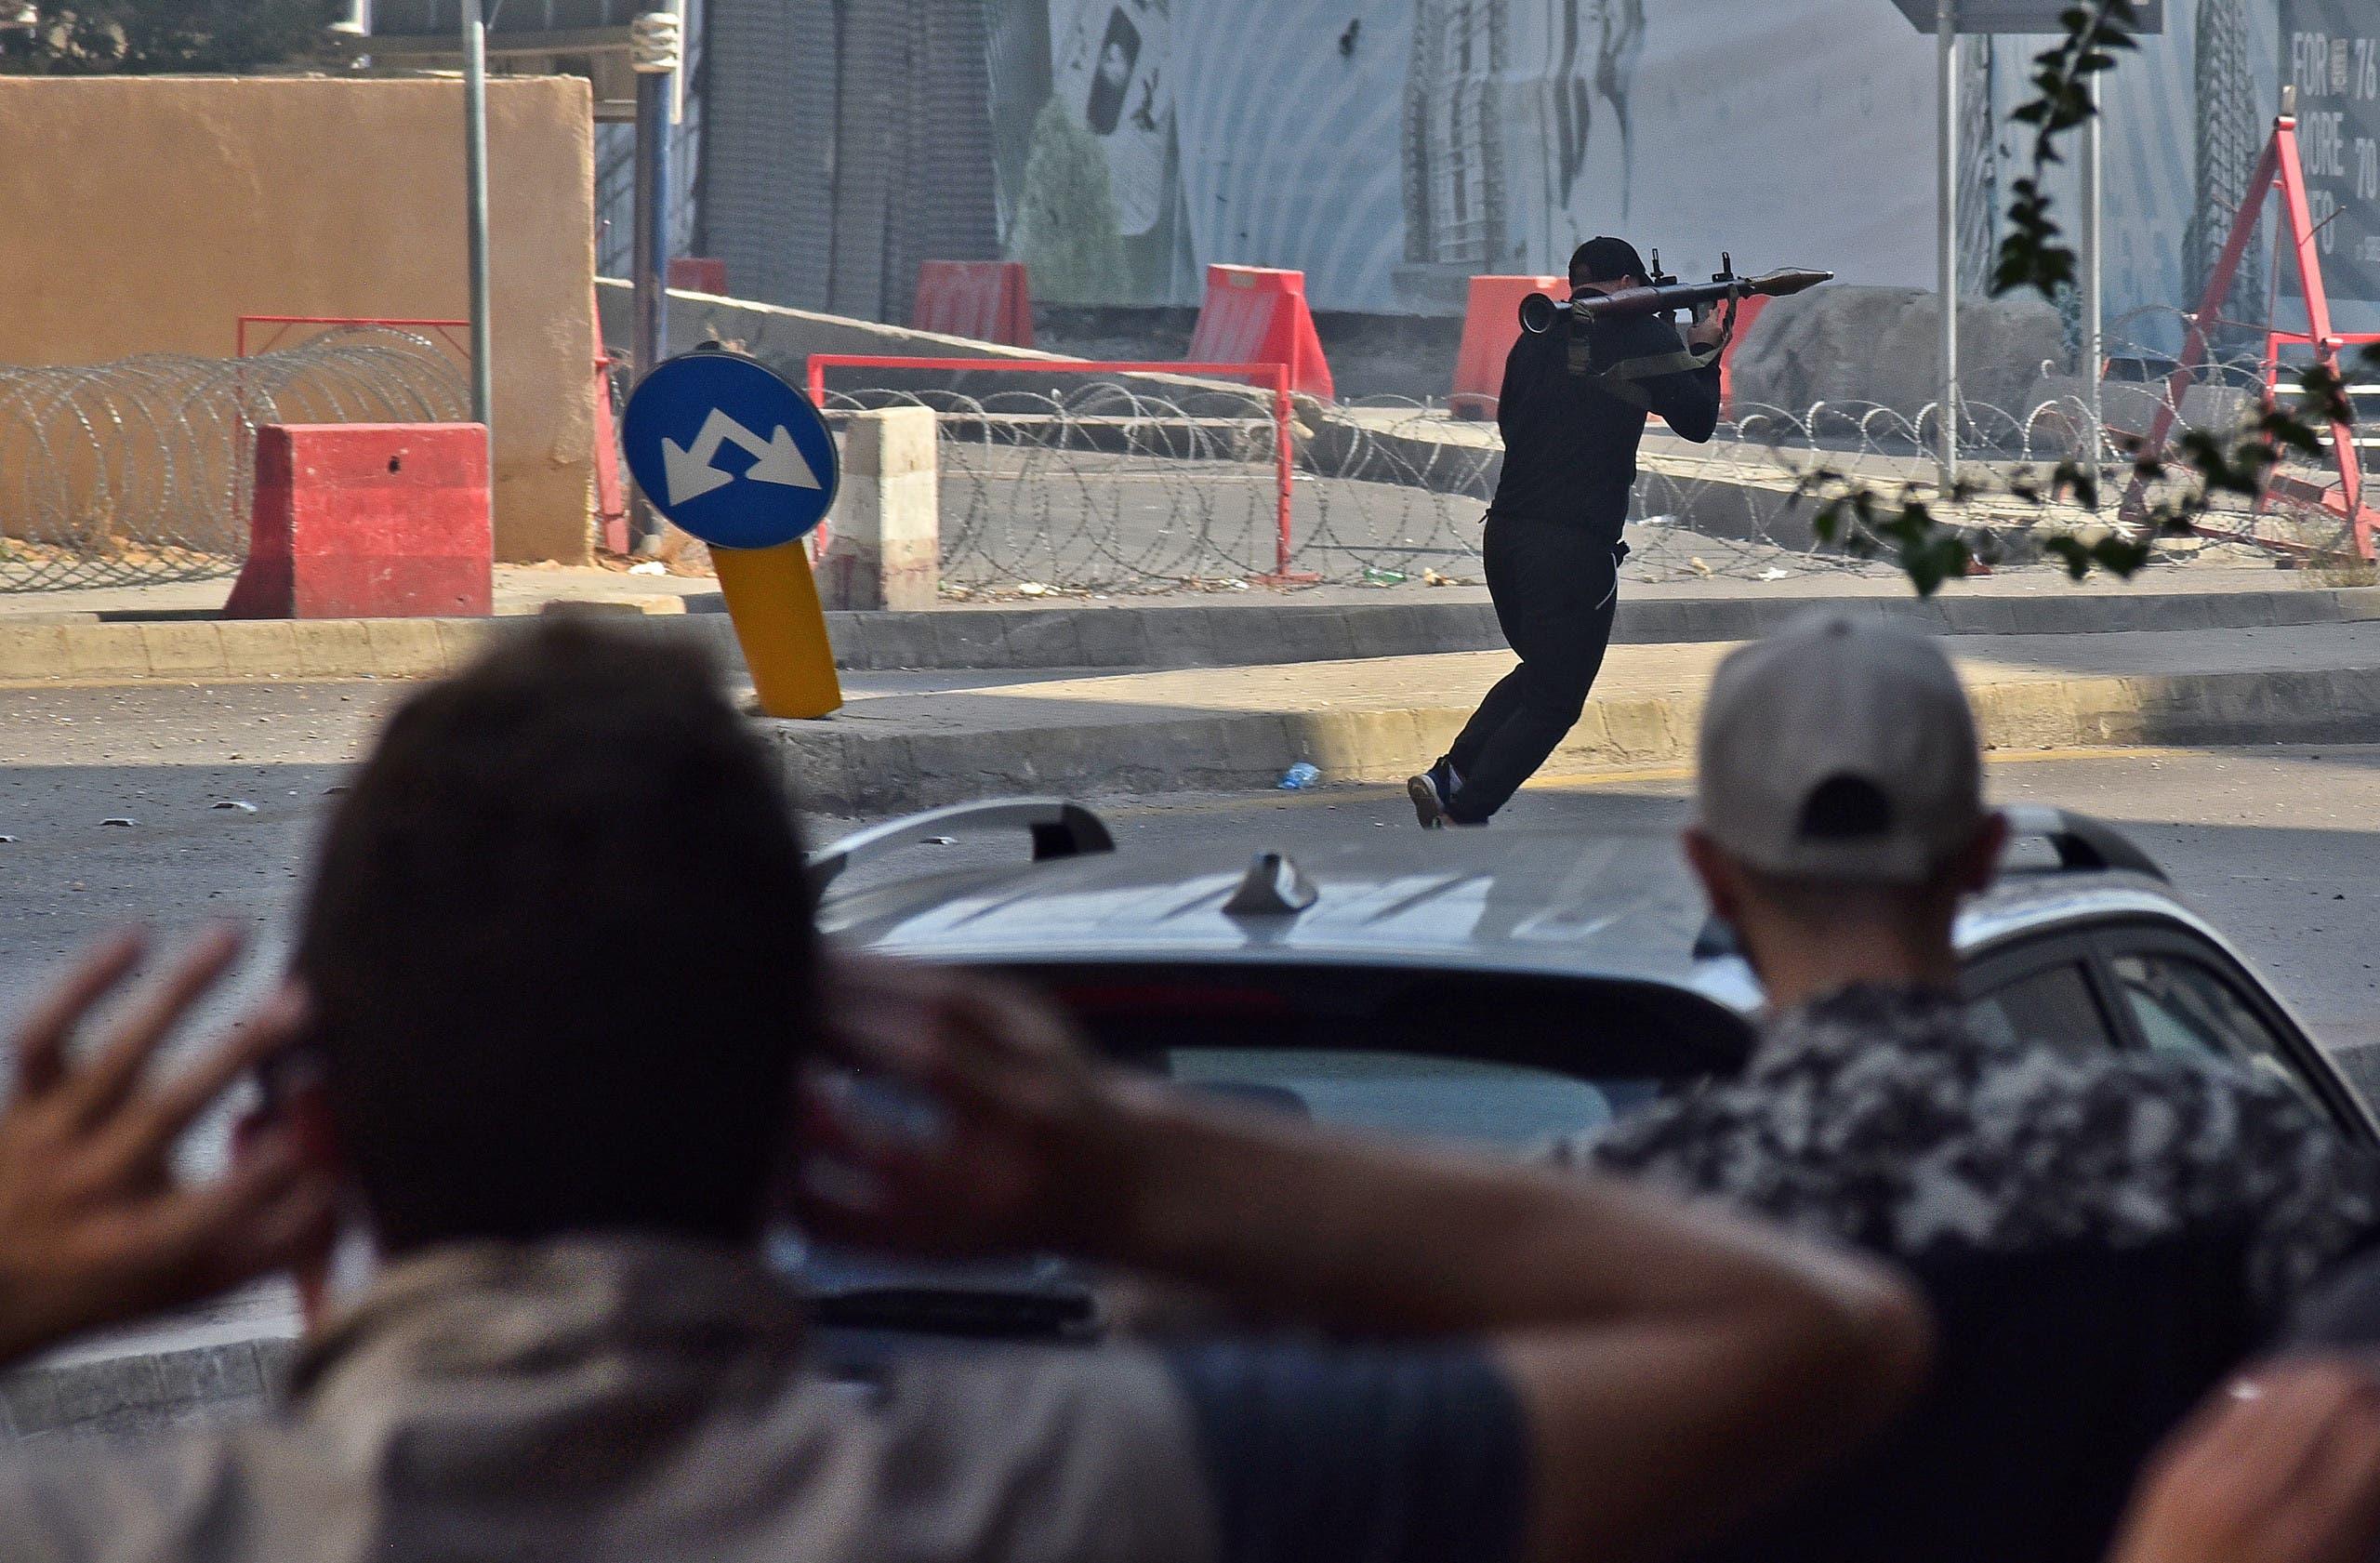 مسلح يطلق قذيفة من أحد مواقع التوتر في بيروت (فرانس برس)